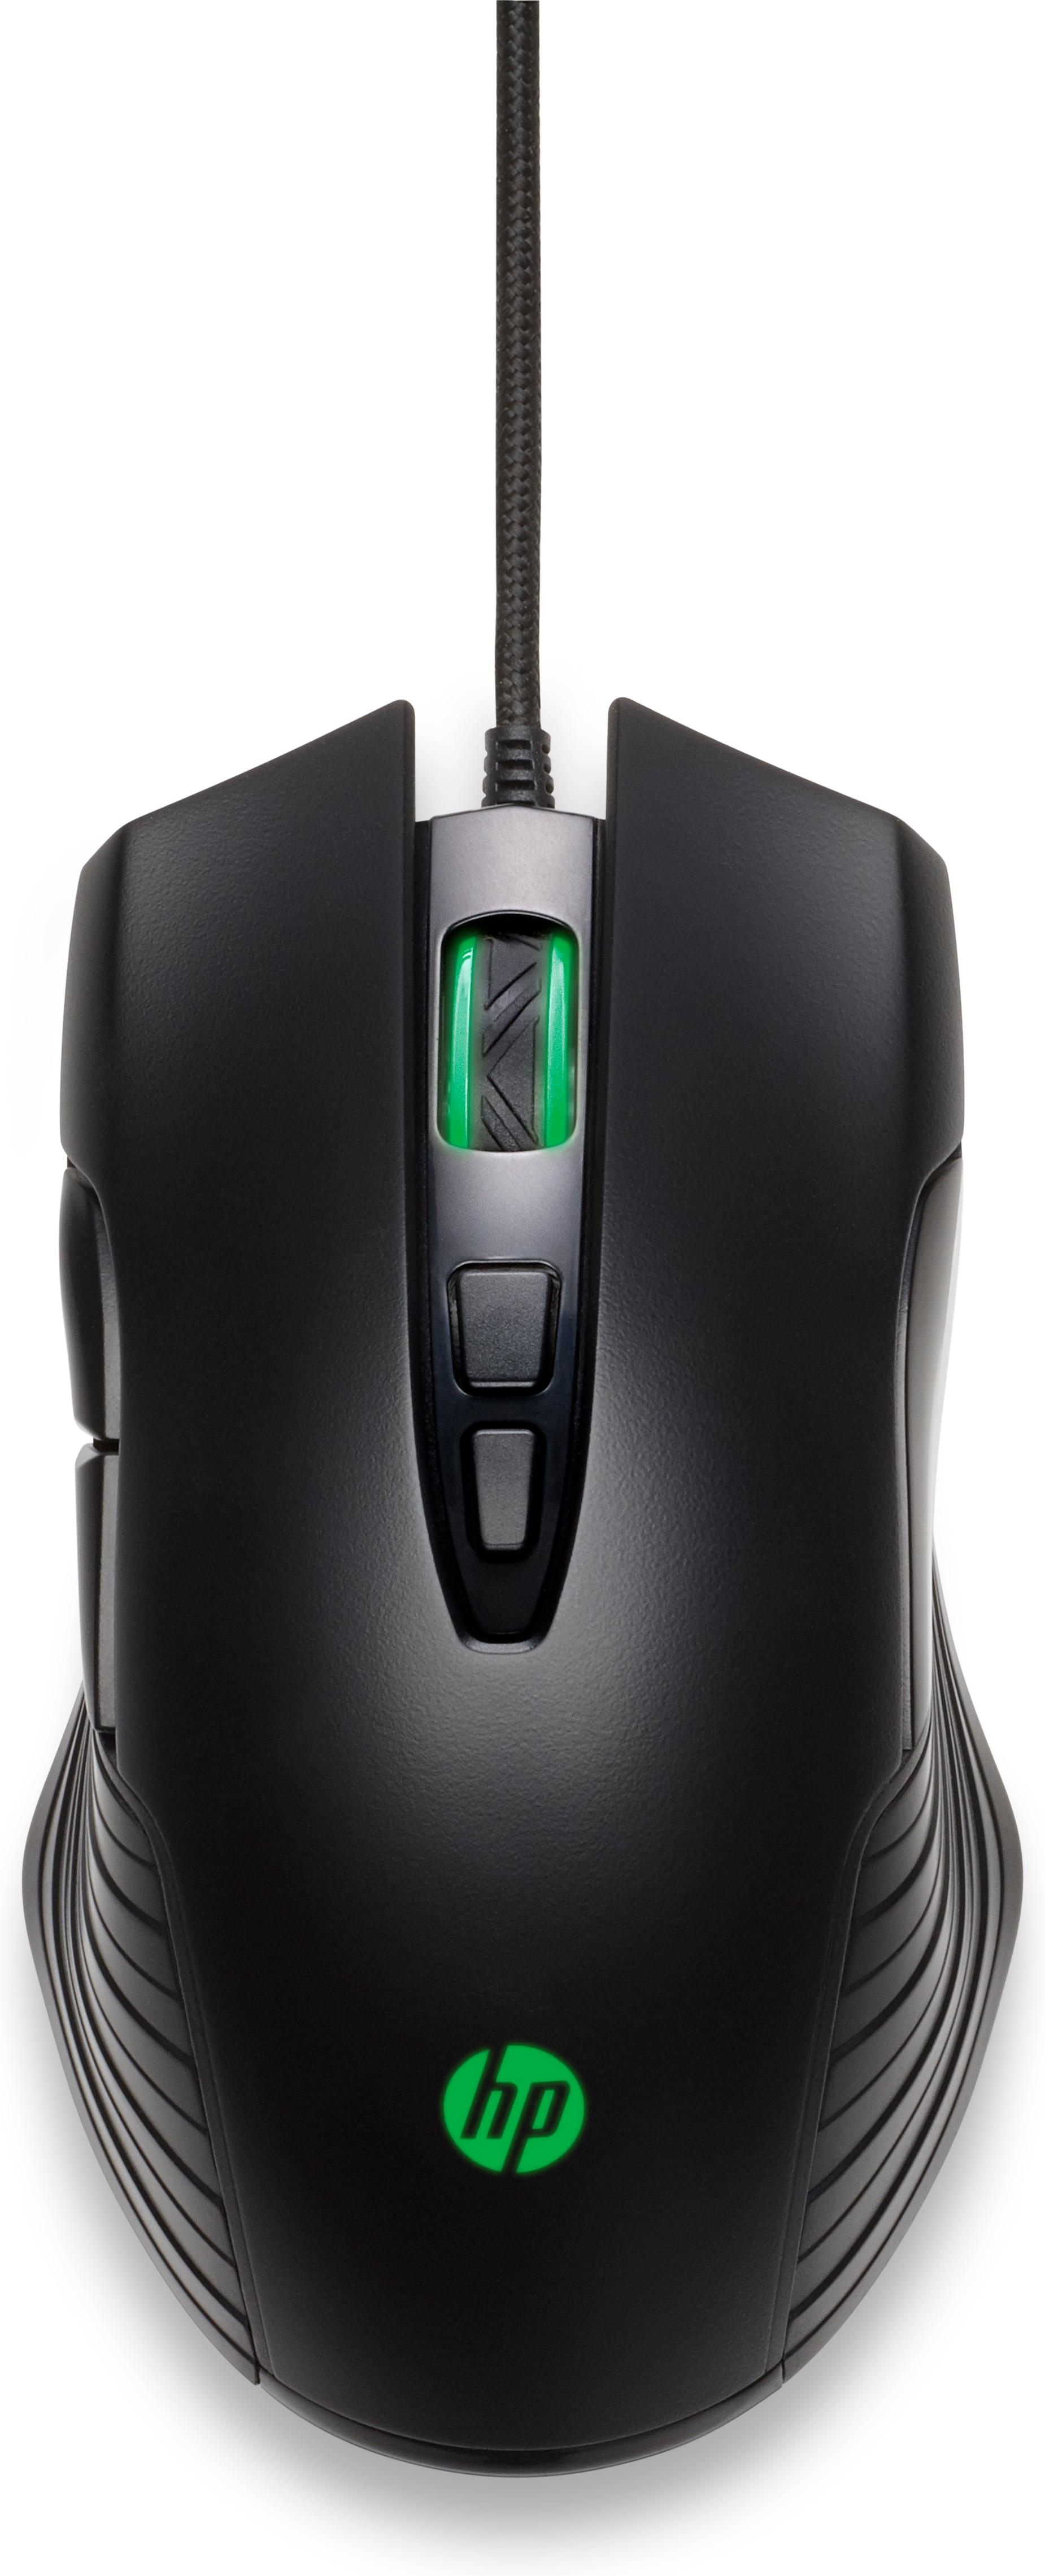 MOUSE GAMING X220 HP Fattore di forma: Ambidestro